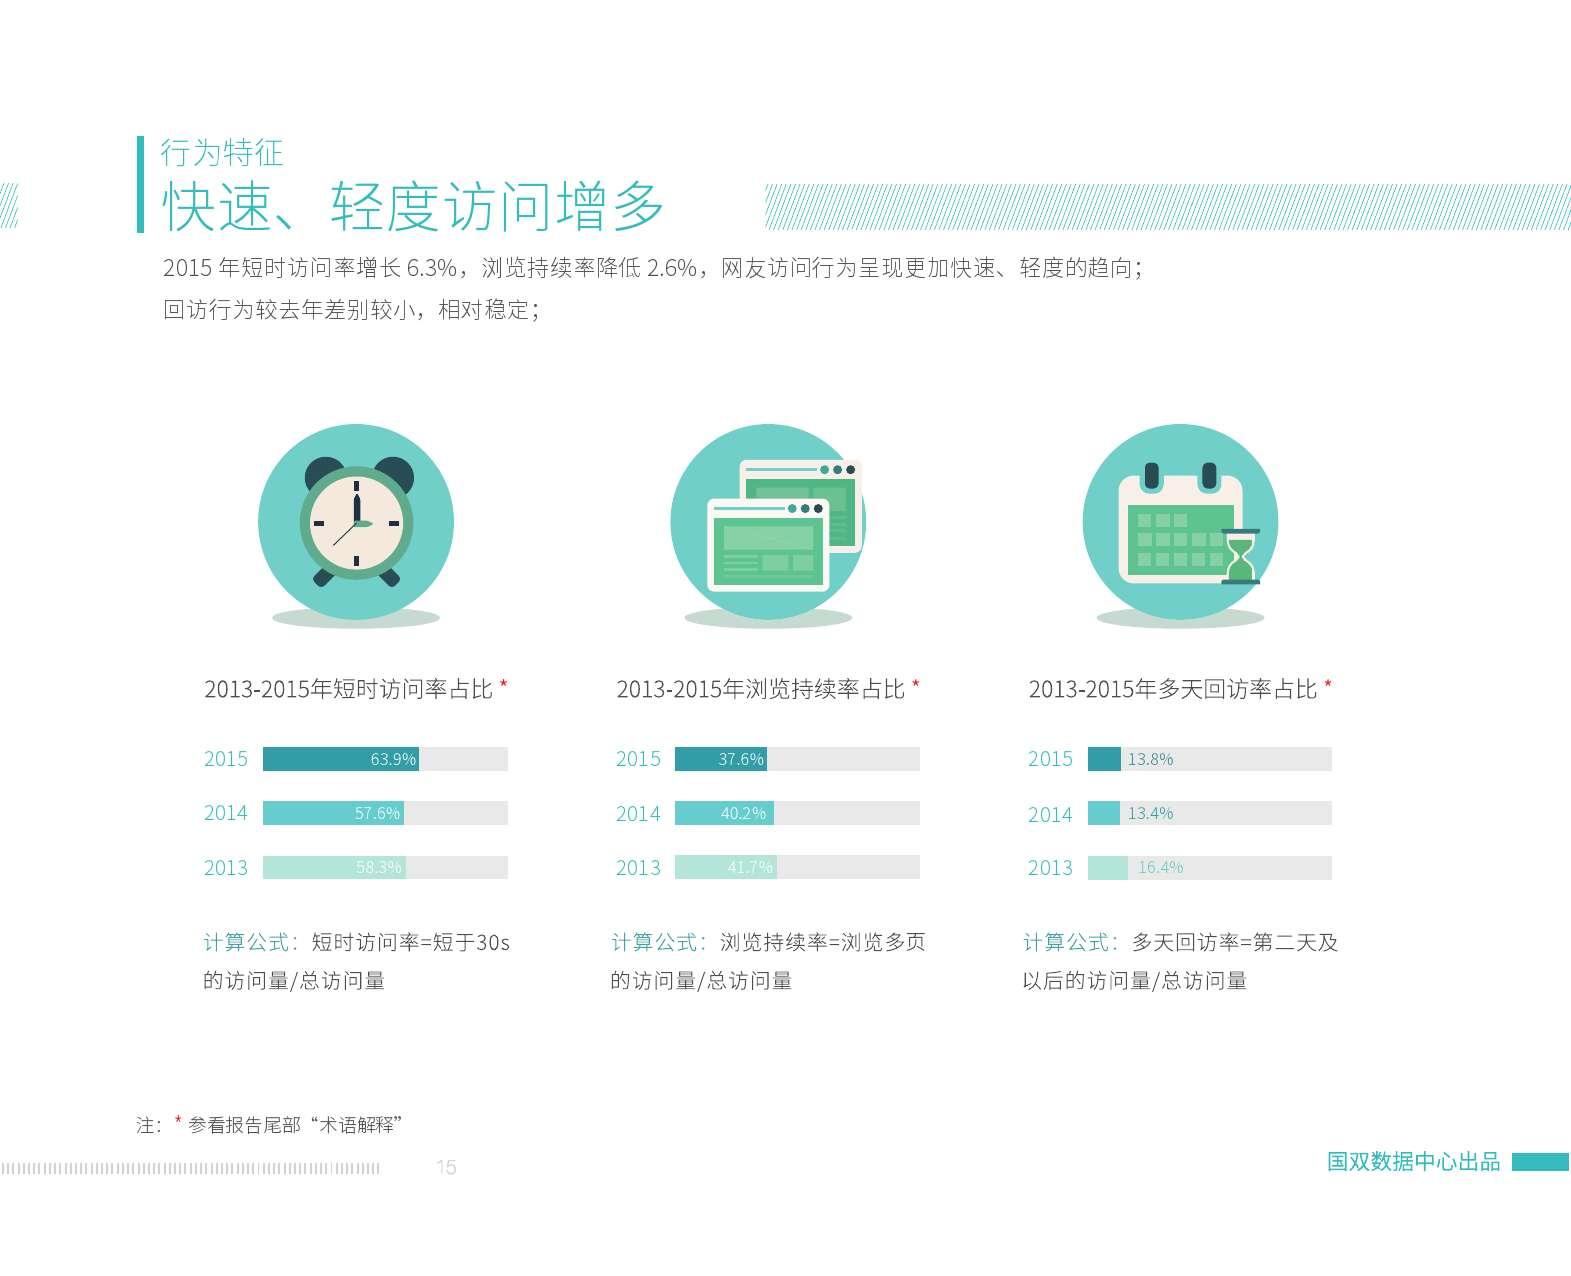 2015中国互联网发展报告_000017